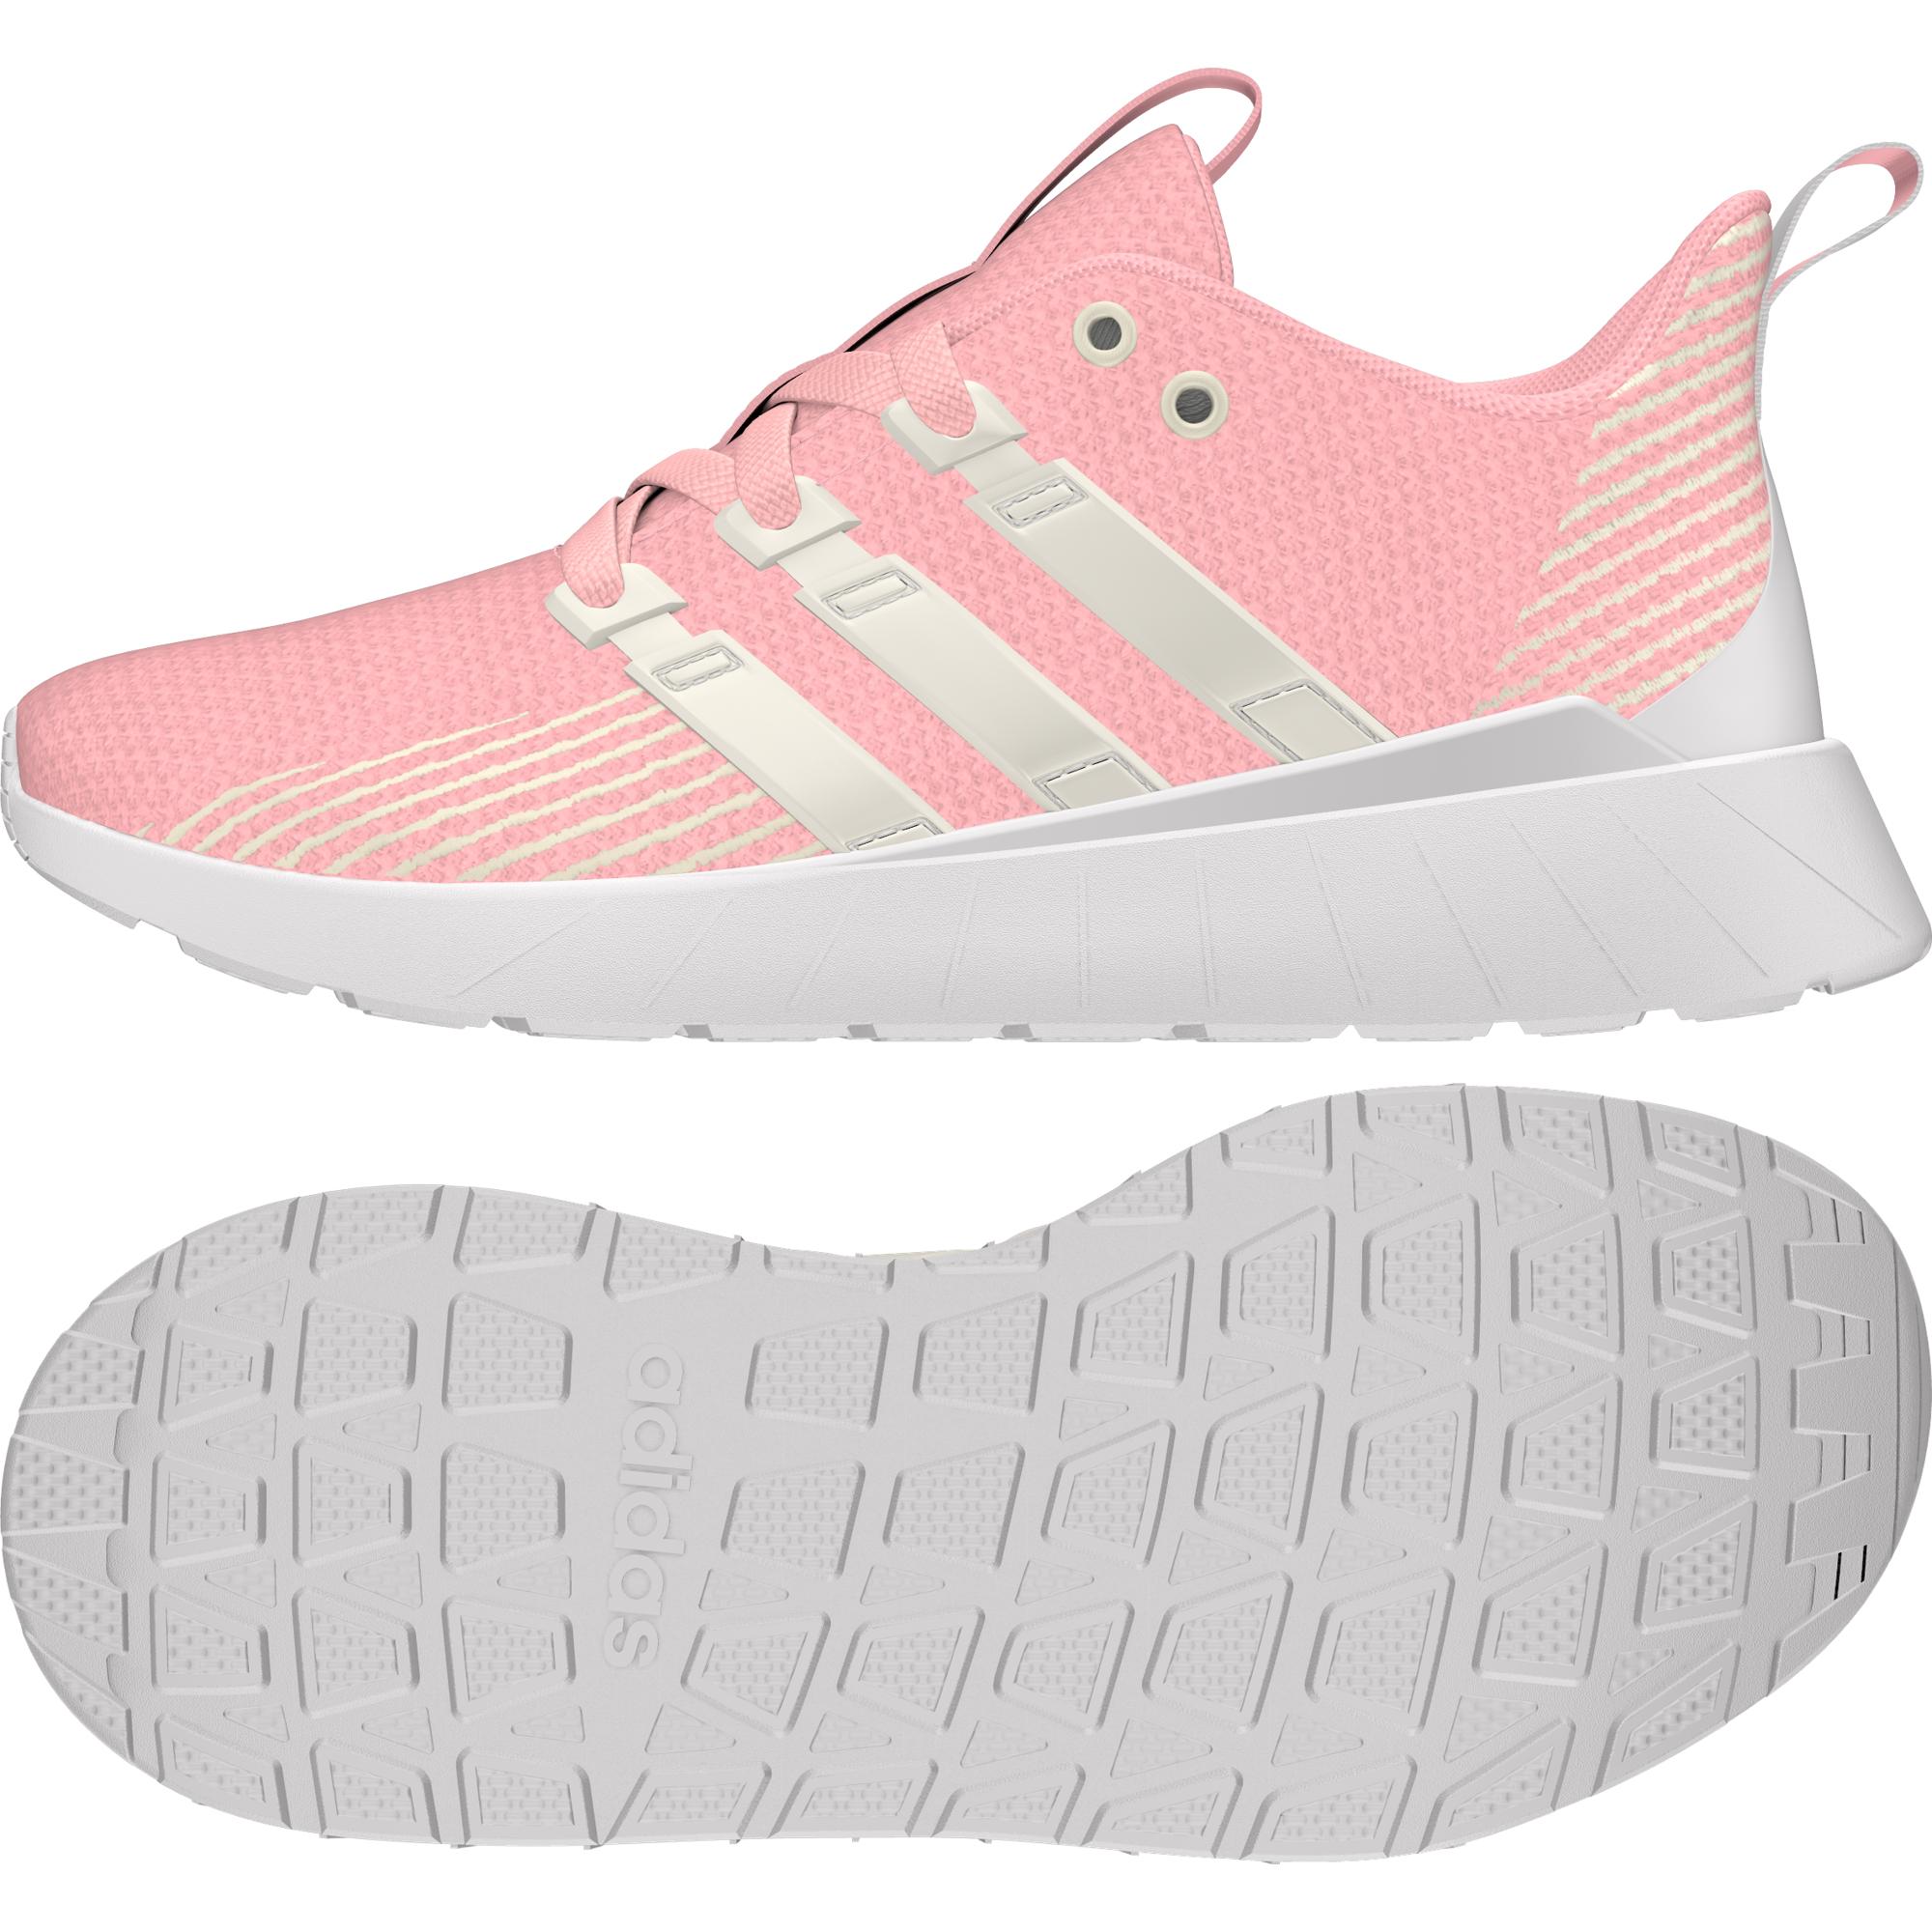 389bdb499 adidas QUESTAR FLOW tenisky, ružové | Športové oblečenie a športové ...